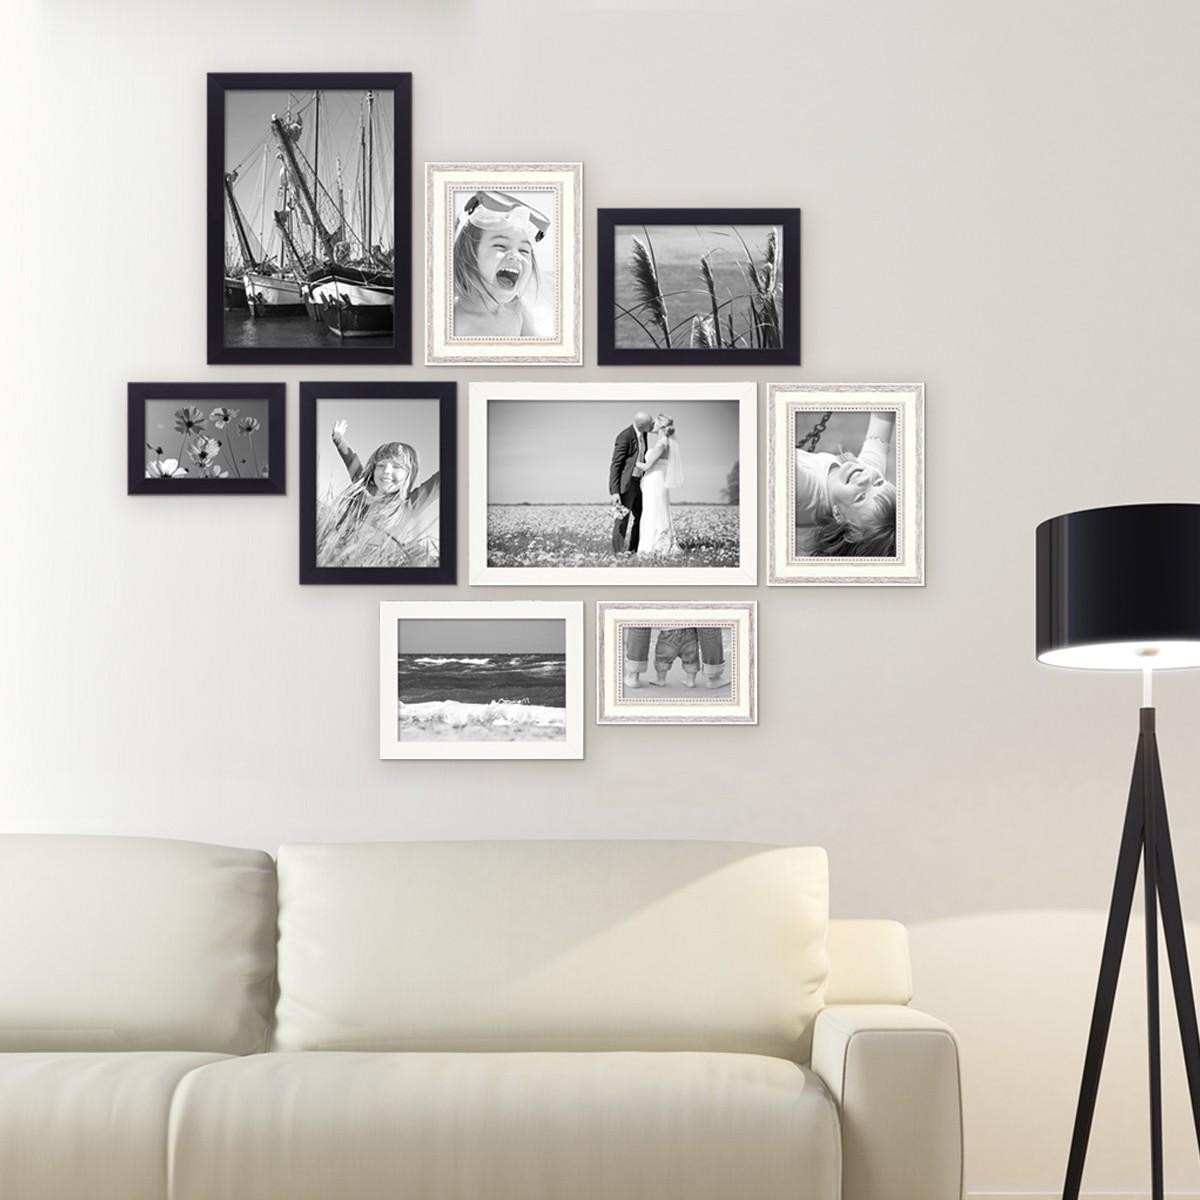 9er set bilderrahmen f r grosse bilderwand modern shabby. Black Bedroom Furniture Sets. Home Design Ideas